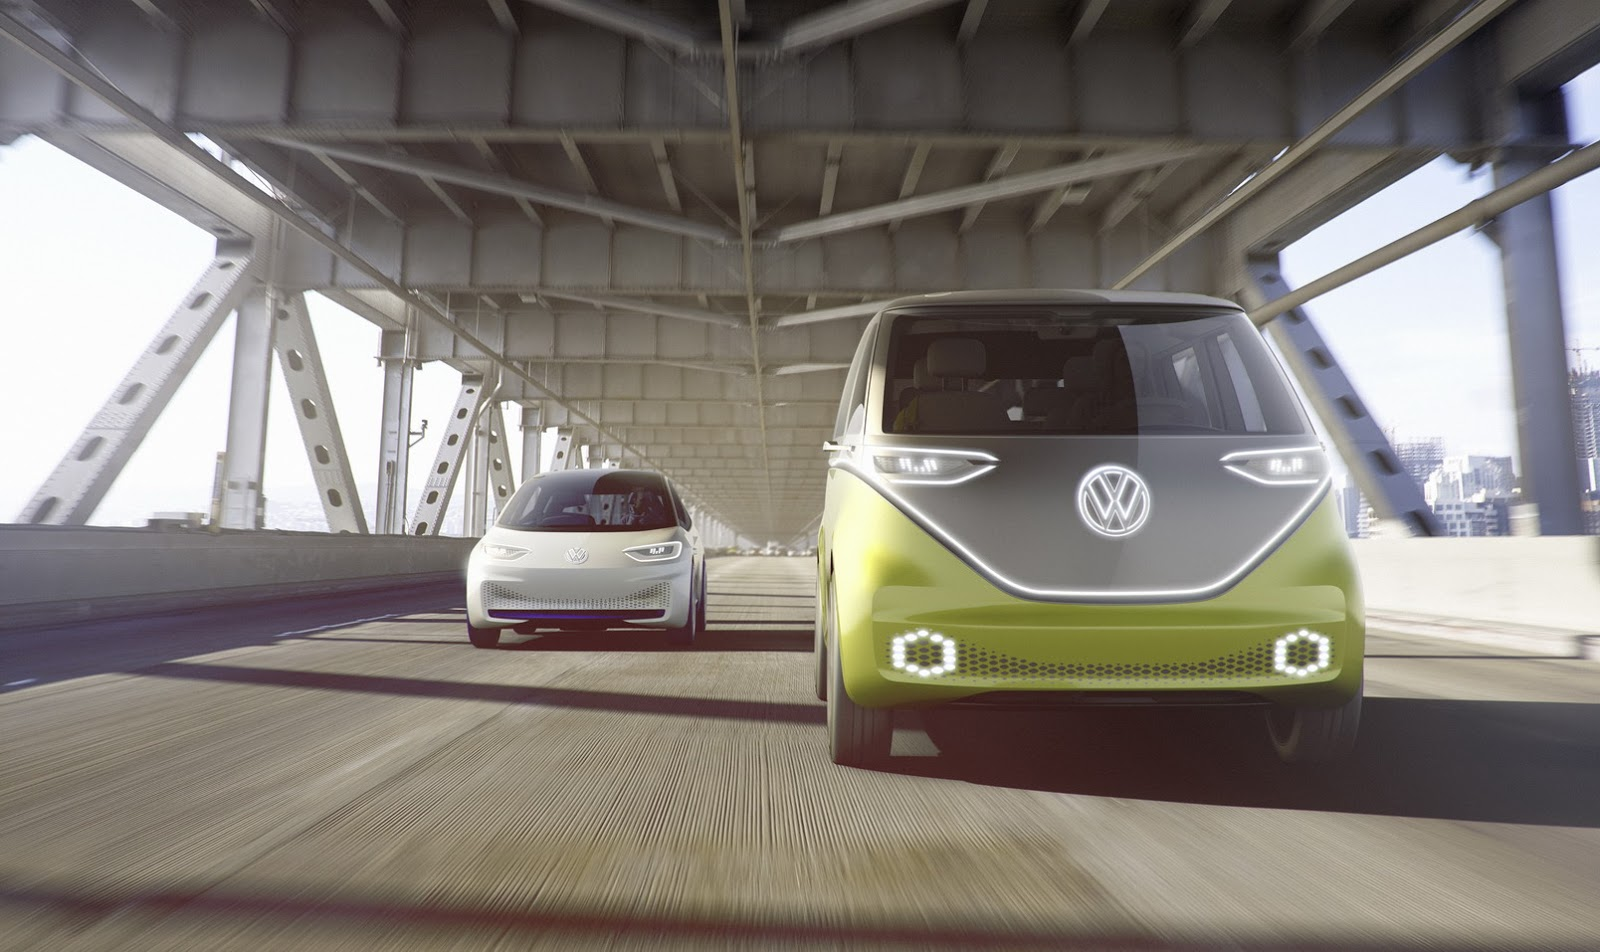 Buzz compõe nova linha de autônomos elétricos da VW ao lado do I.D (esq.)